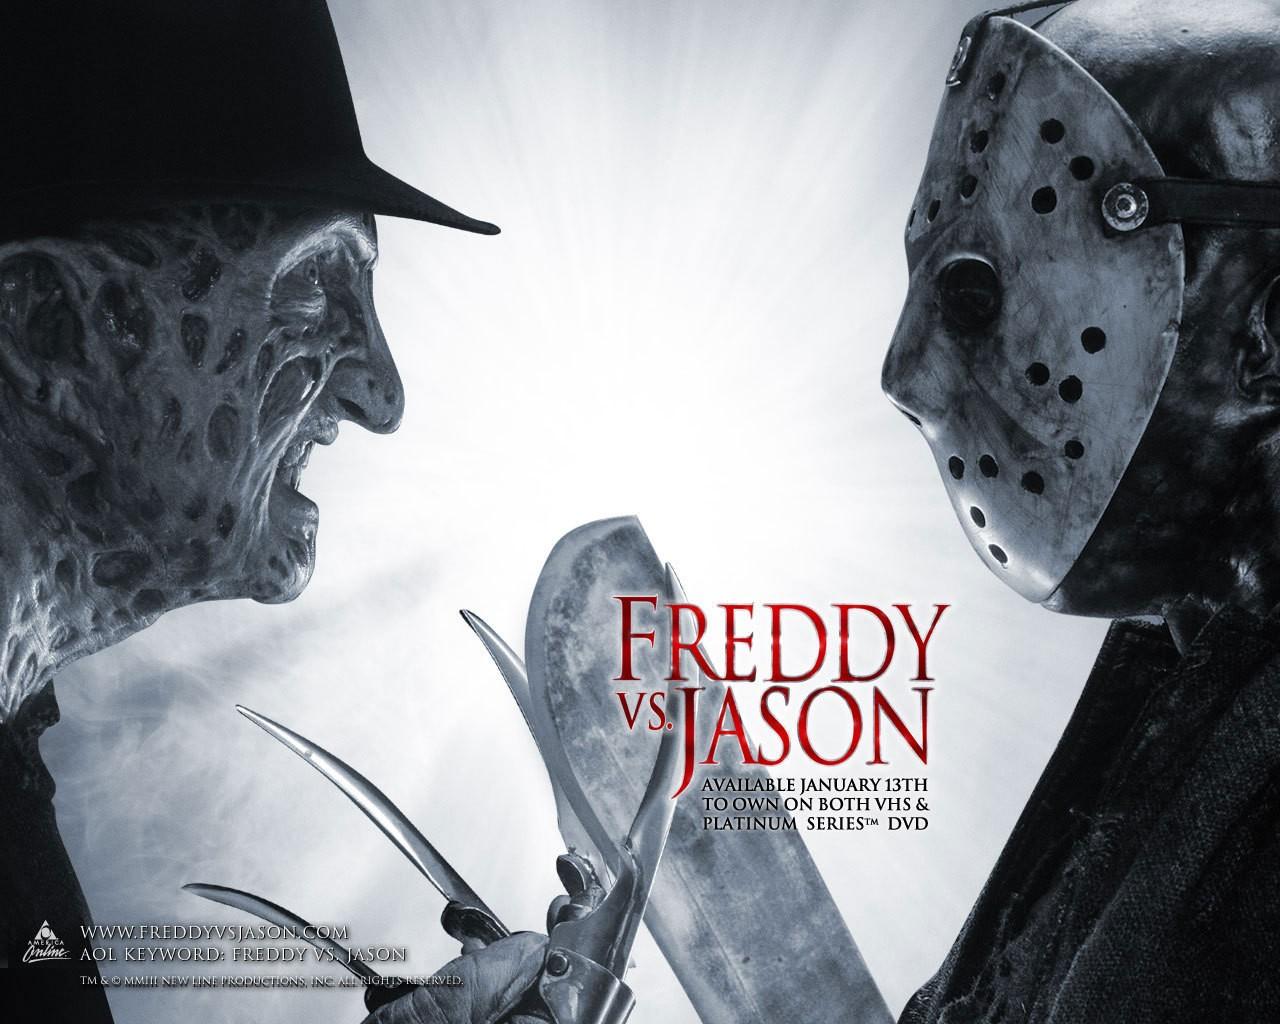 Freddy Krueger 13 Vs Jason